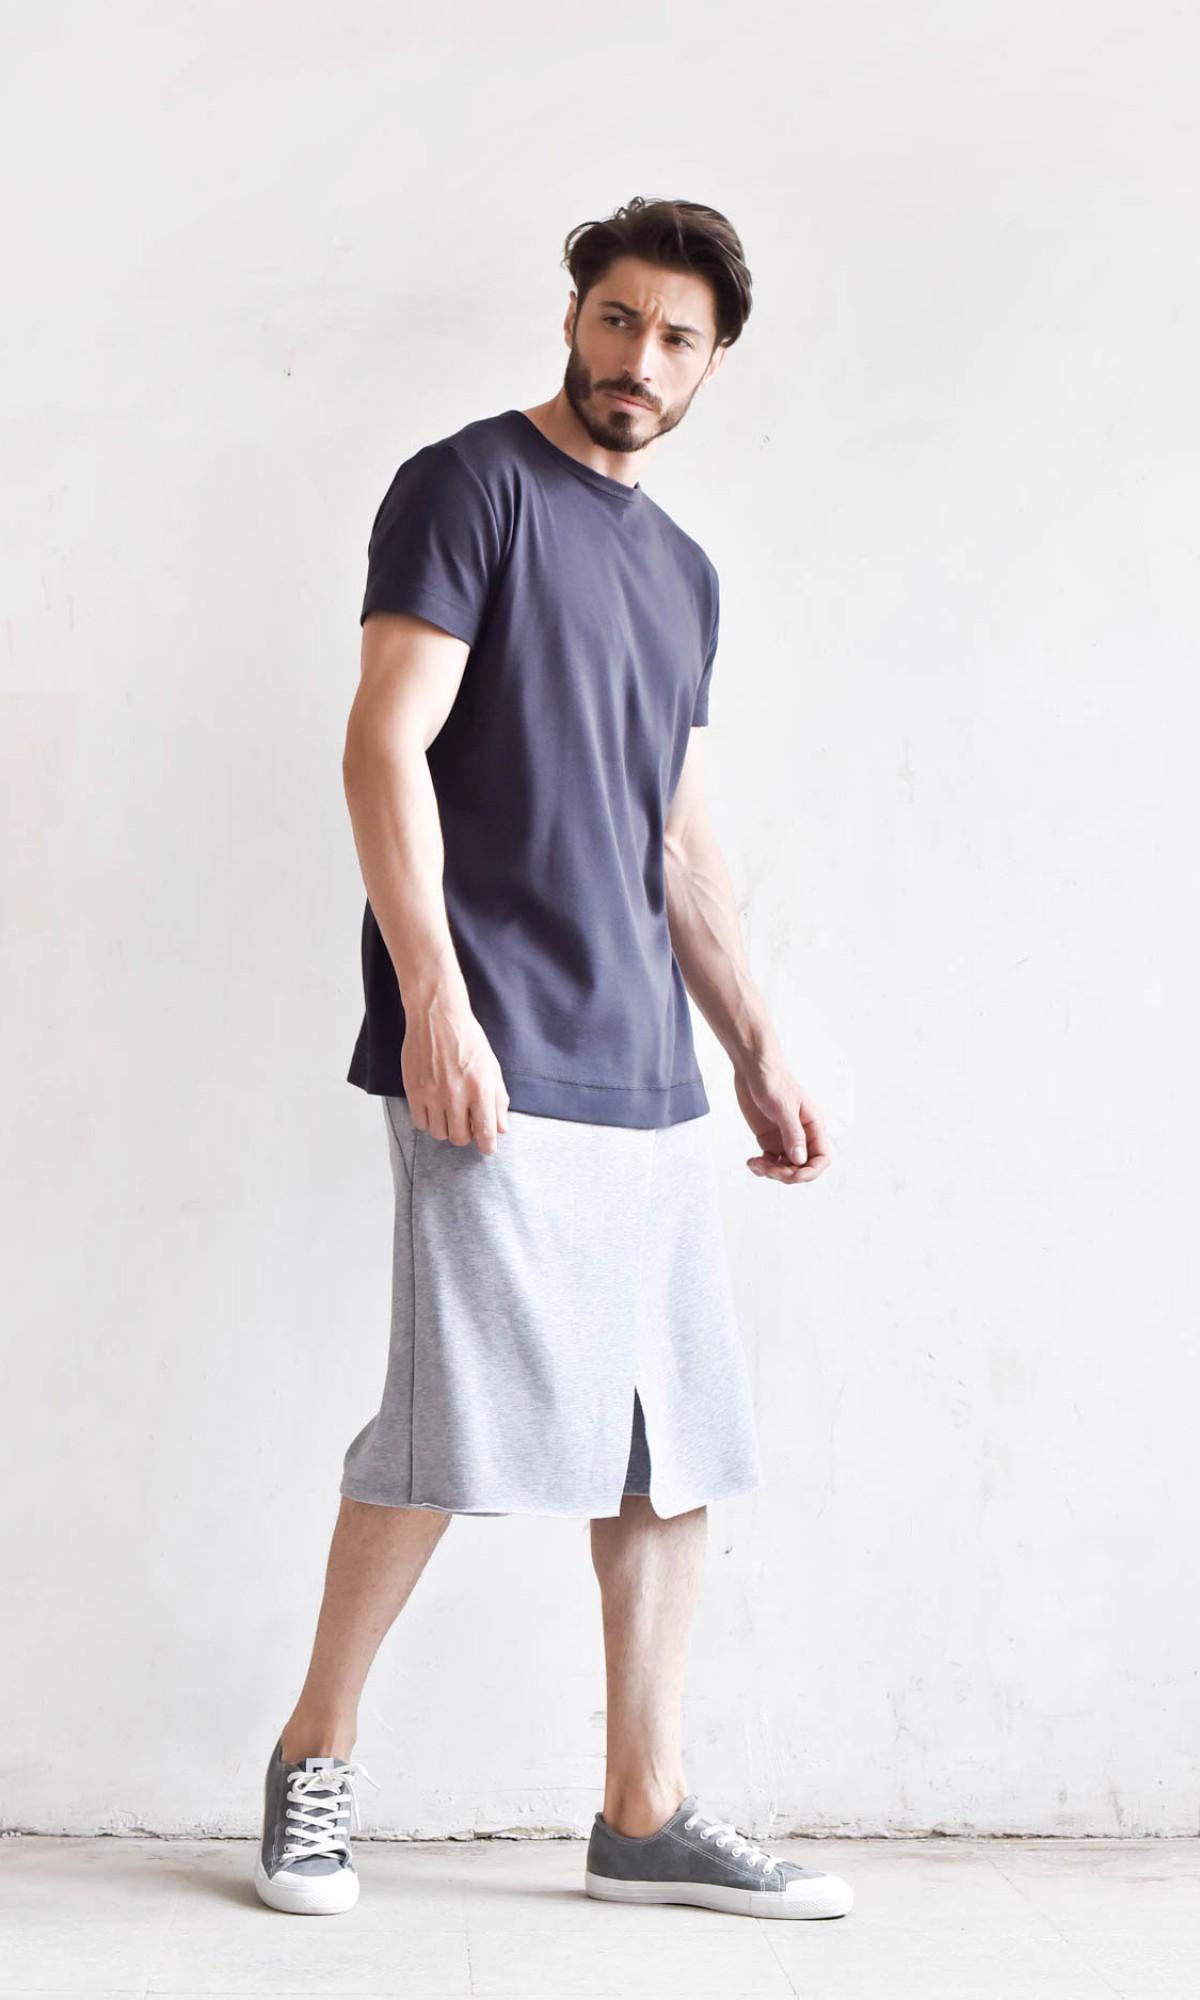 Loose Casual Drop Crotch Shorts A05134M